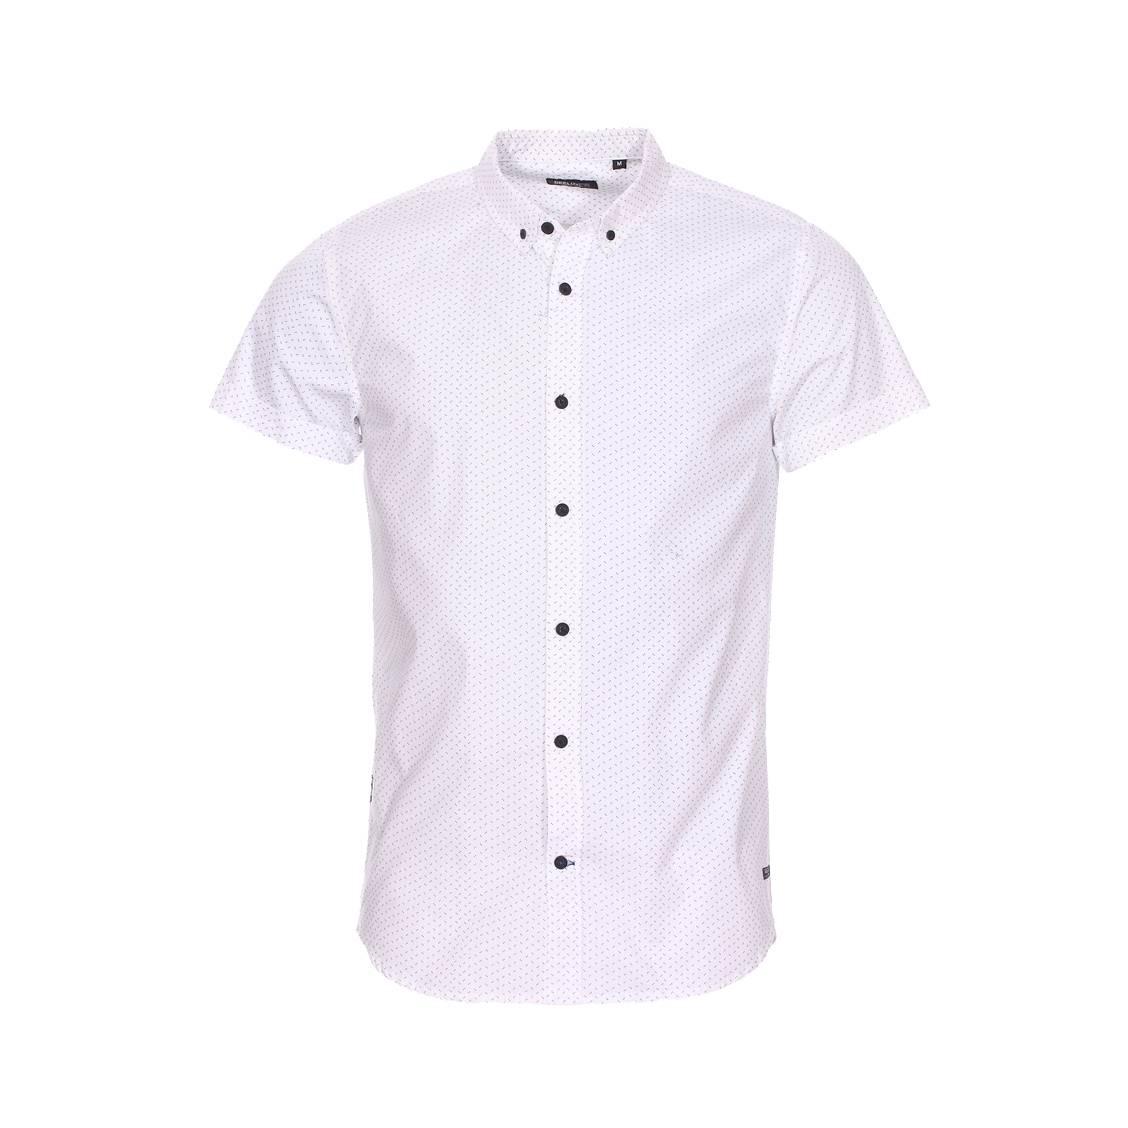 Chemise cintrée manches courtes deeluxe dotzy en coton blanc à petits motifs noirs